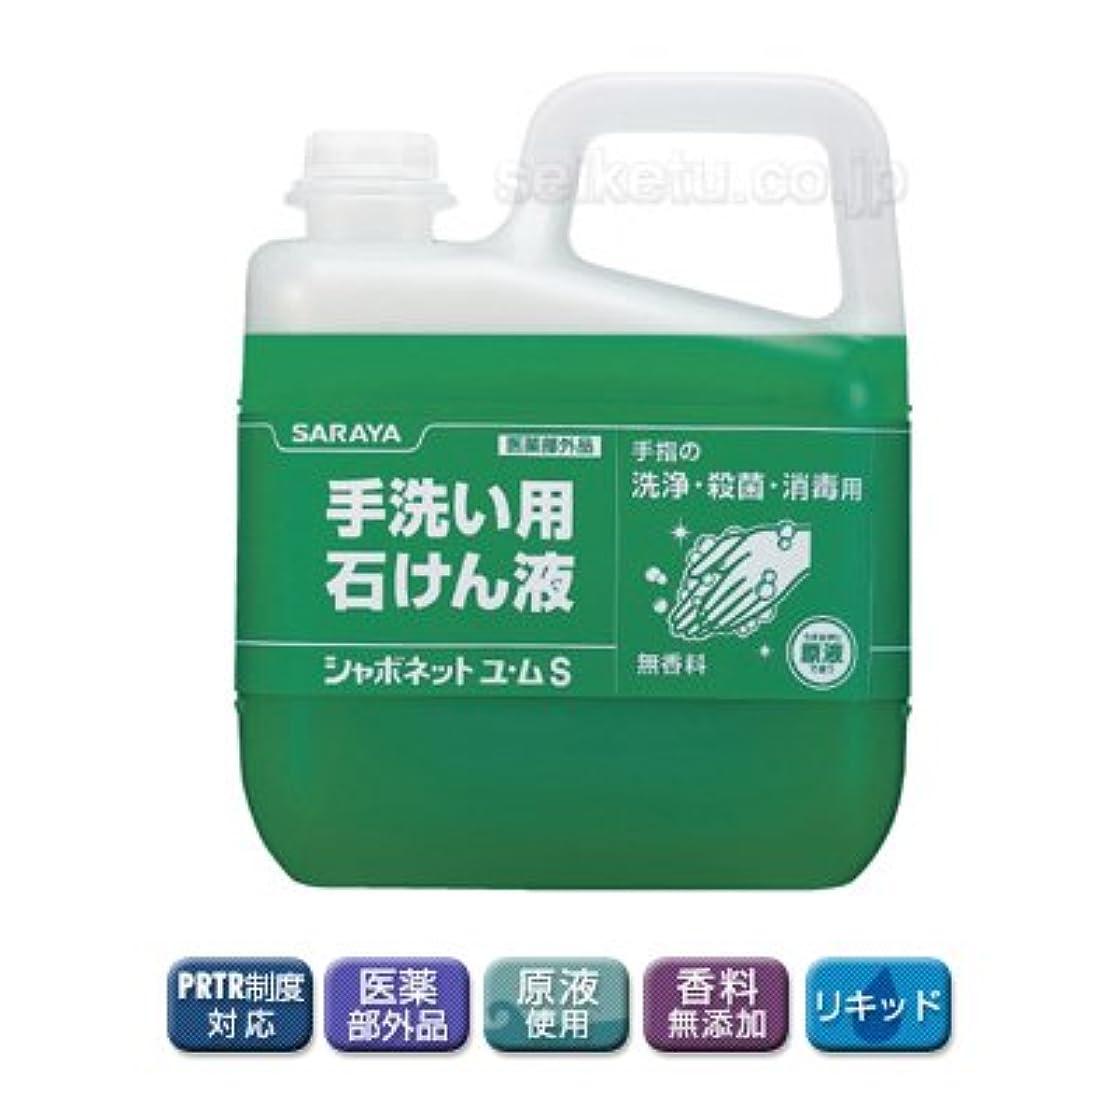 キャッシュインペリアル少ない【清潔キレイ館】サラヤ シャボネット石鹸液ユ?ムS(5kg)